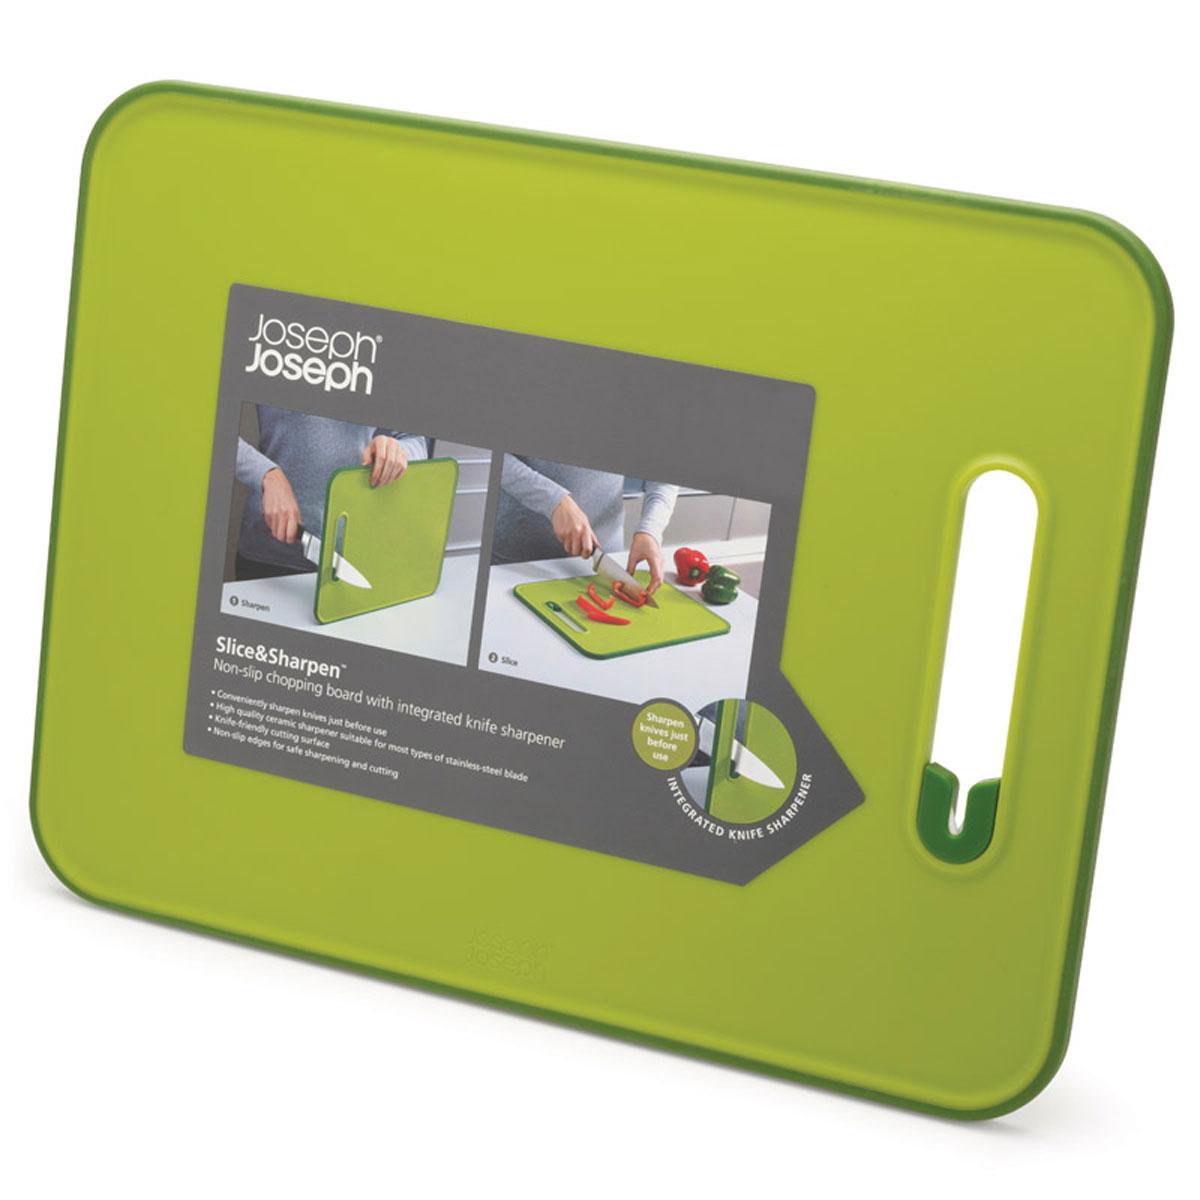 Доска разделочная Joseph Joseph Slice & Sharpen, с ножеточкой, цвет: зеленый, 29 х 22 х 1 см60047Доска разделочная Joseph Joseph Slice & Sharpen изготовлена из полипропилена, который защищает целостность ваших ножей и минимизирует его затупление.Доска оснащена керамической точилкой для лезвия, которая встроена прямо в рабочую поверхность. Для заточки поставьте доску на сухую плоскую поверхность, поместить лезвие ножа в прорезь и проведите несколько раз. Нескользящий прорезиненный край доски обеспечивает устойчивость, как при нарезке продуктов, так и при заточке лезвия. Можно мыть в посудомоечной машине. Размер доски: 29 см х 22 см х 1 см.